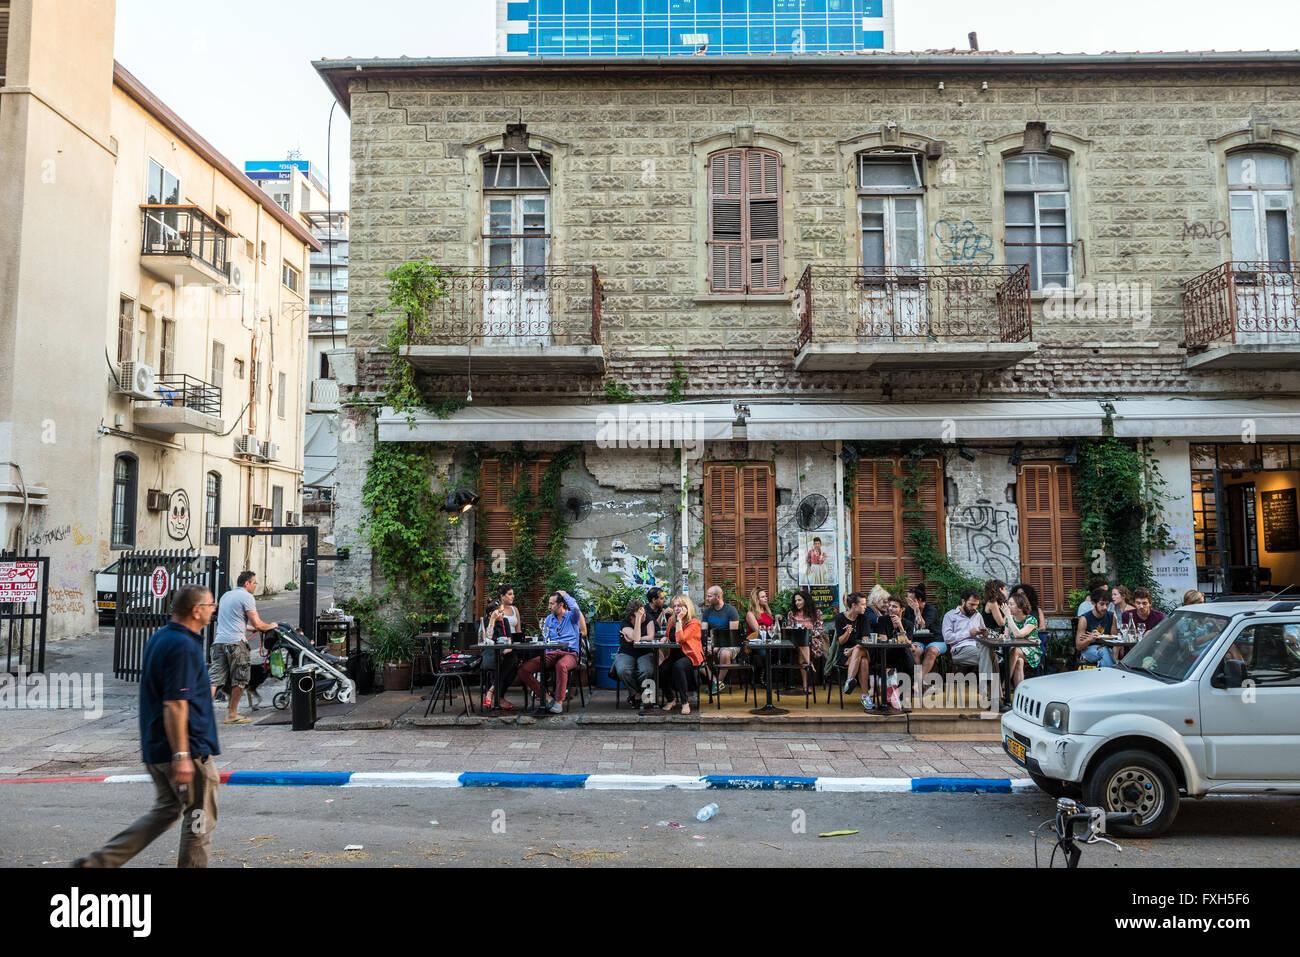 Restaurant at Rothschild Boulevard in Tel Aviv city, Israel - Stock Image